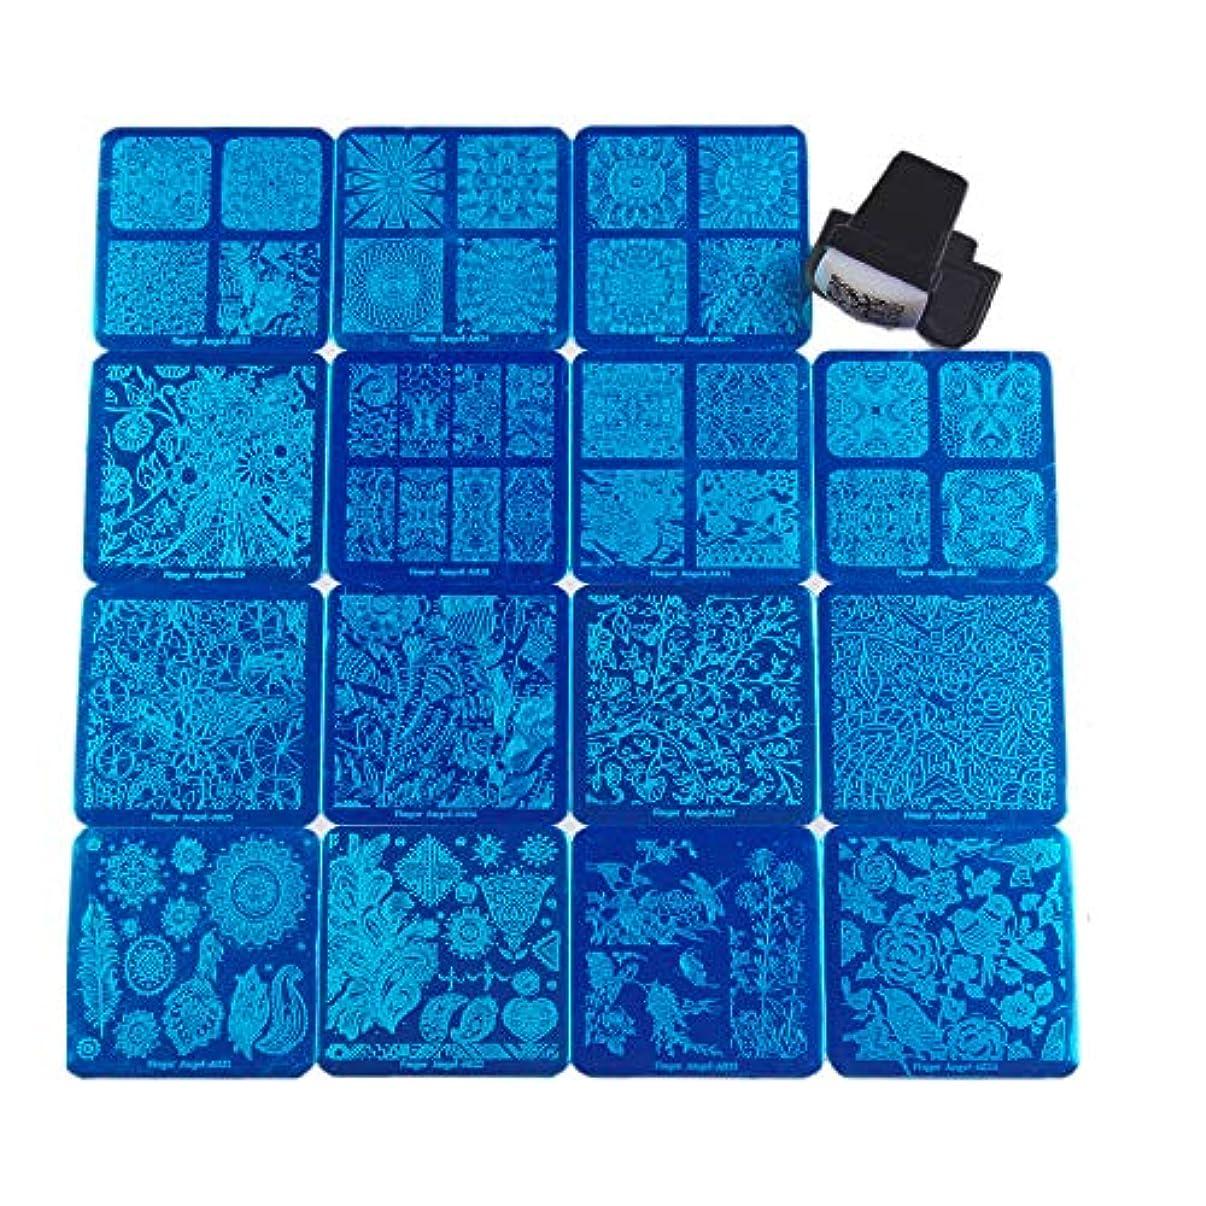 広範囲に口述するポスターFingerAngel ネイルイメージプレートセット ネイルプレート正方形15枚 スタンプ スクレーパー カードバッグ付き ネイルサロンも自宅も使えるネイルプレート